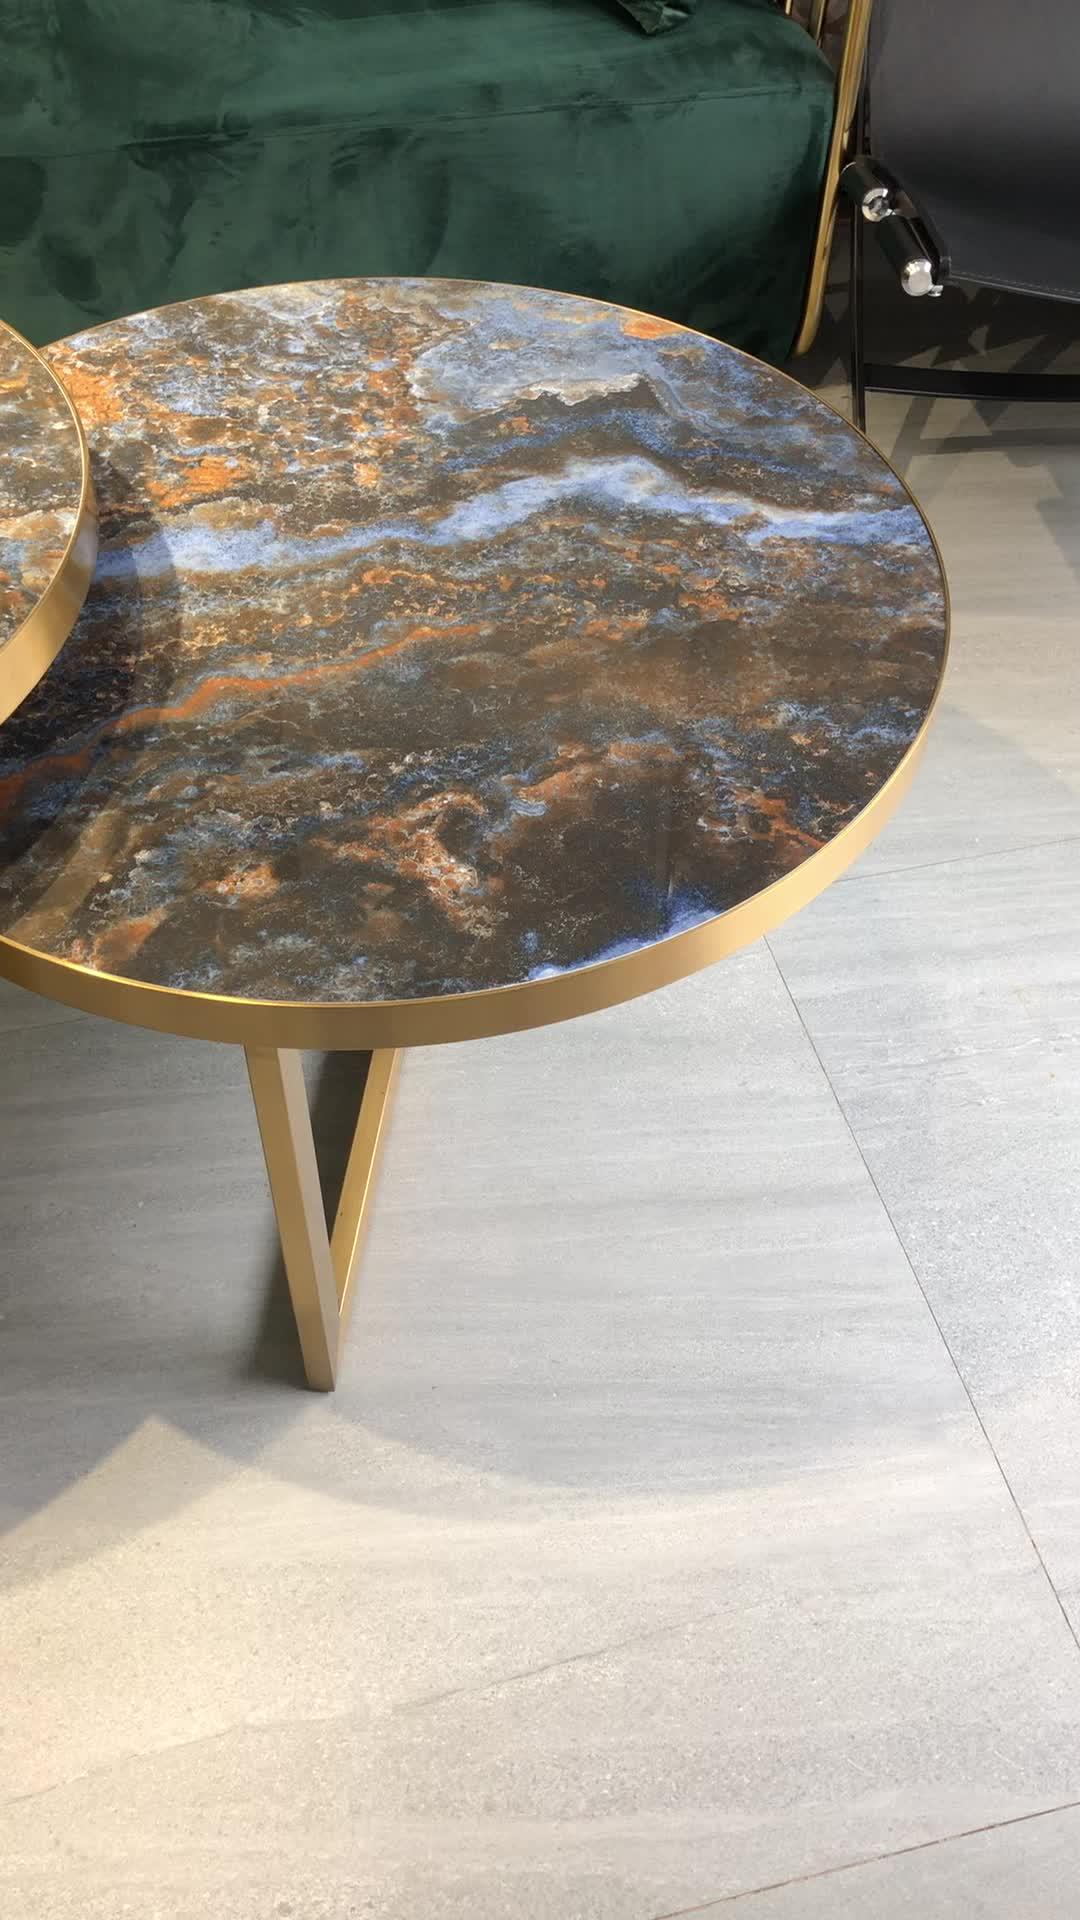 Nordic Italienischen design luxus furniturehotel lobby atmosphäre kombination hohe und niedrigen villa wohnzimmer kaffee tisch set